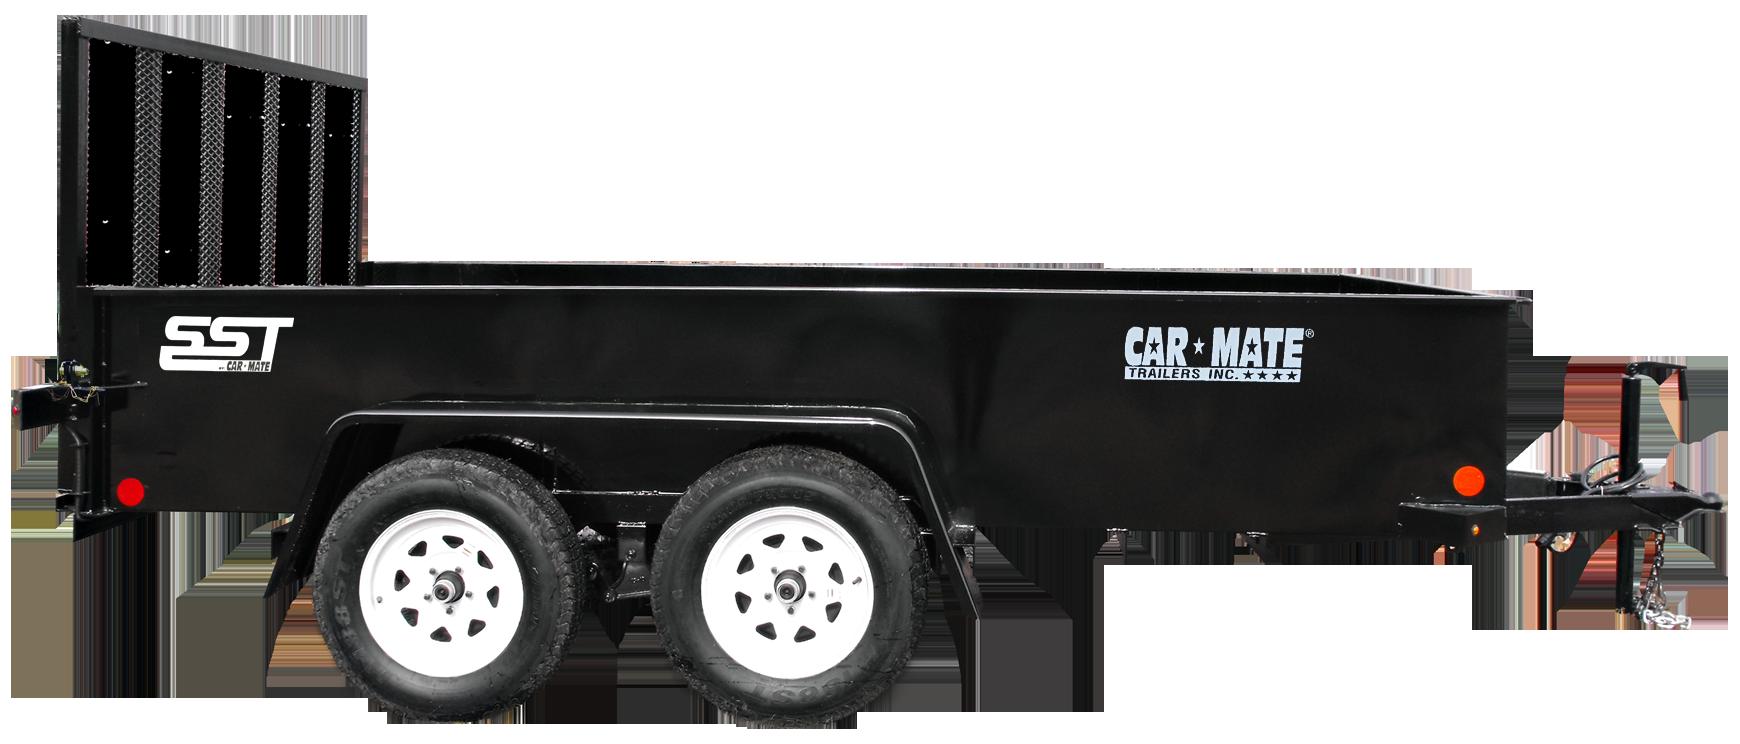 Car hauler trailer clipart picture transparent SST - Tandem Axle - Car Mate Trailers, Inc picture transparent